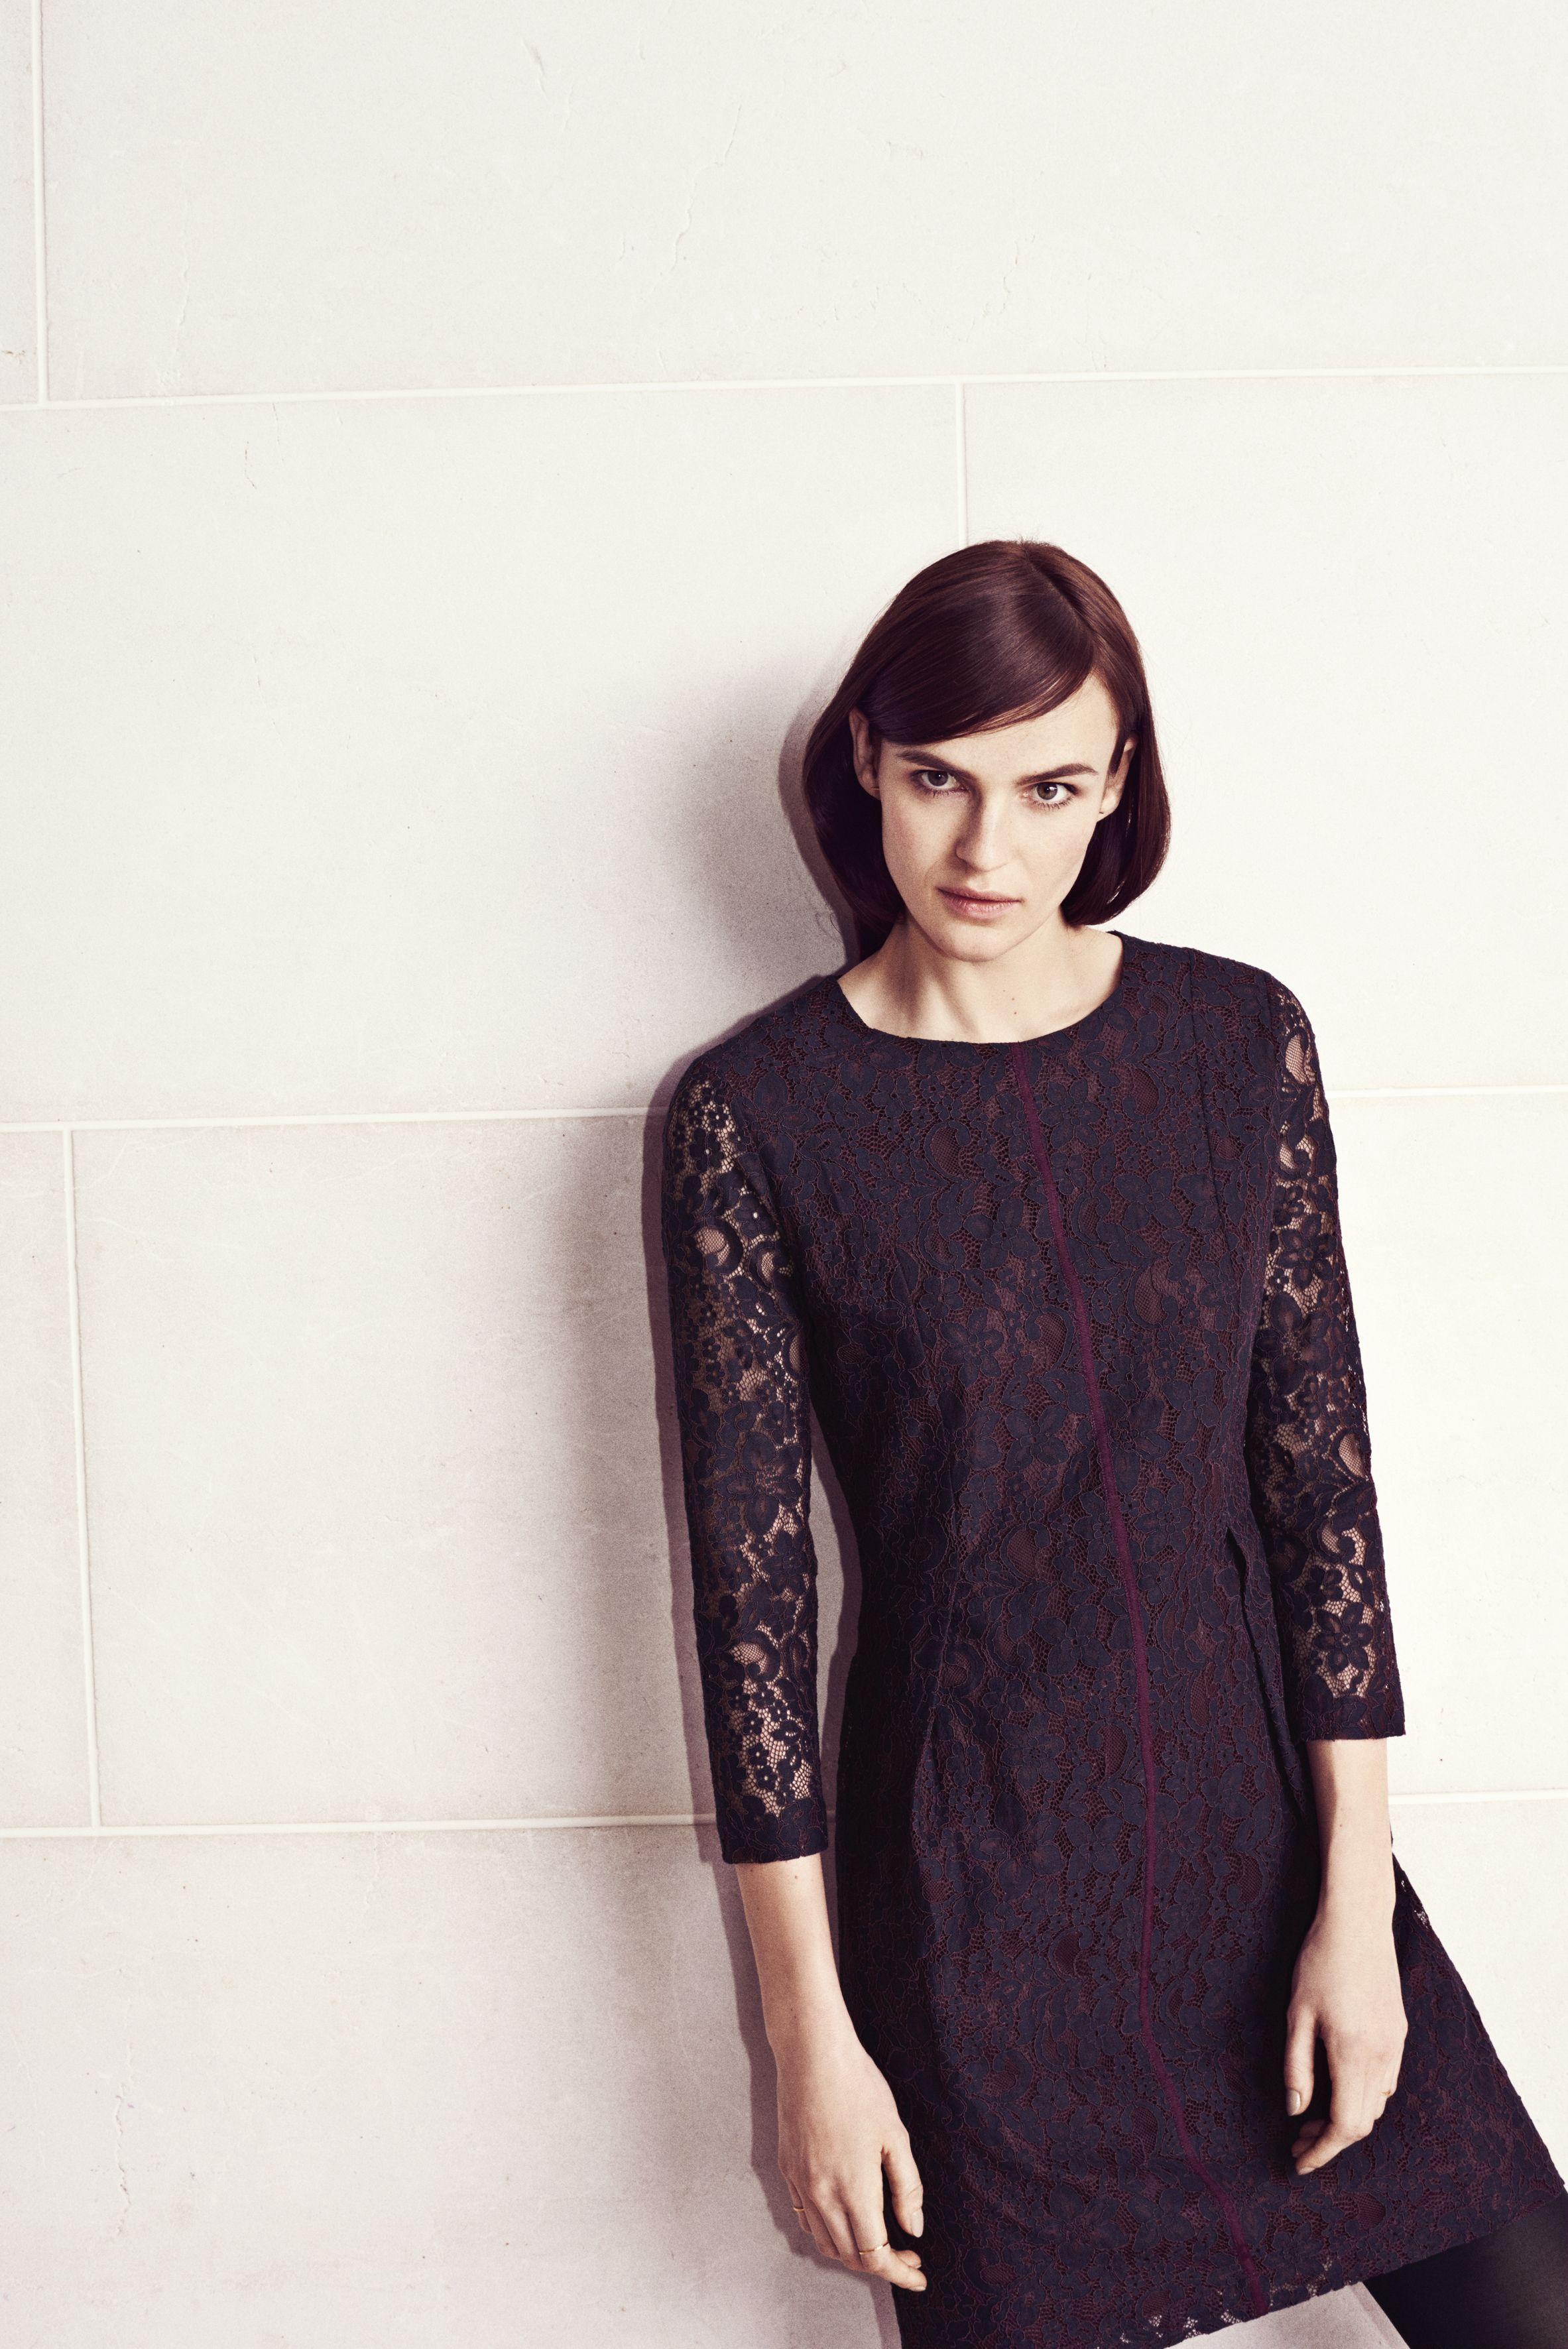 d2d787fc4e8c lt 3 Nuella Dress Autumn Inwear Stylepit Pinterest Gray vURxTTq